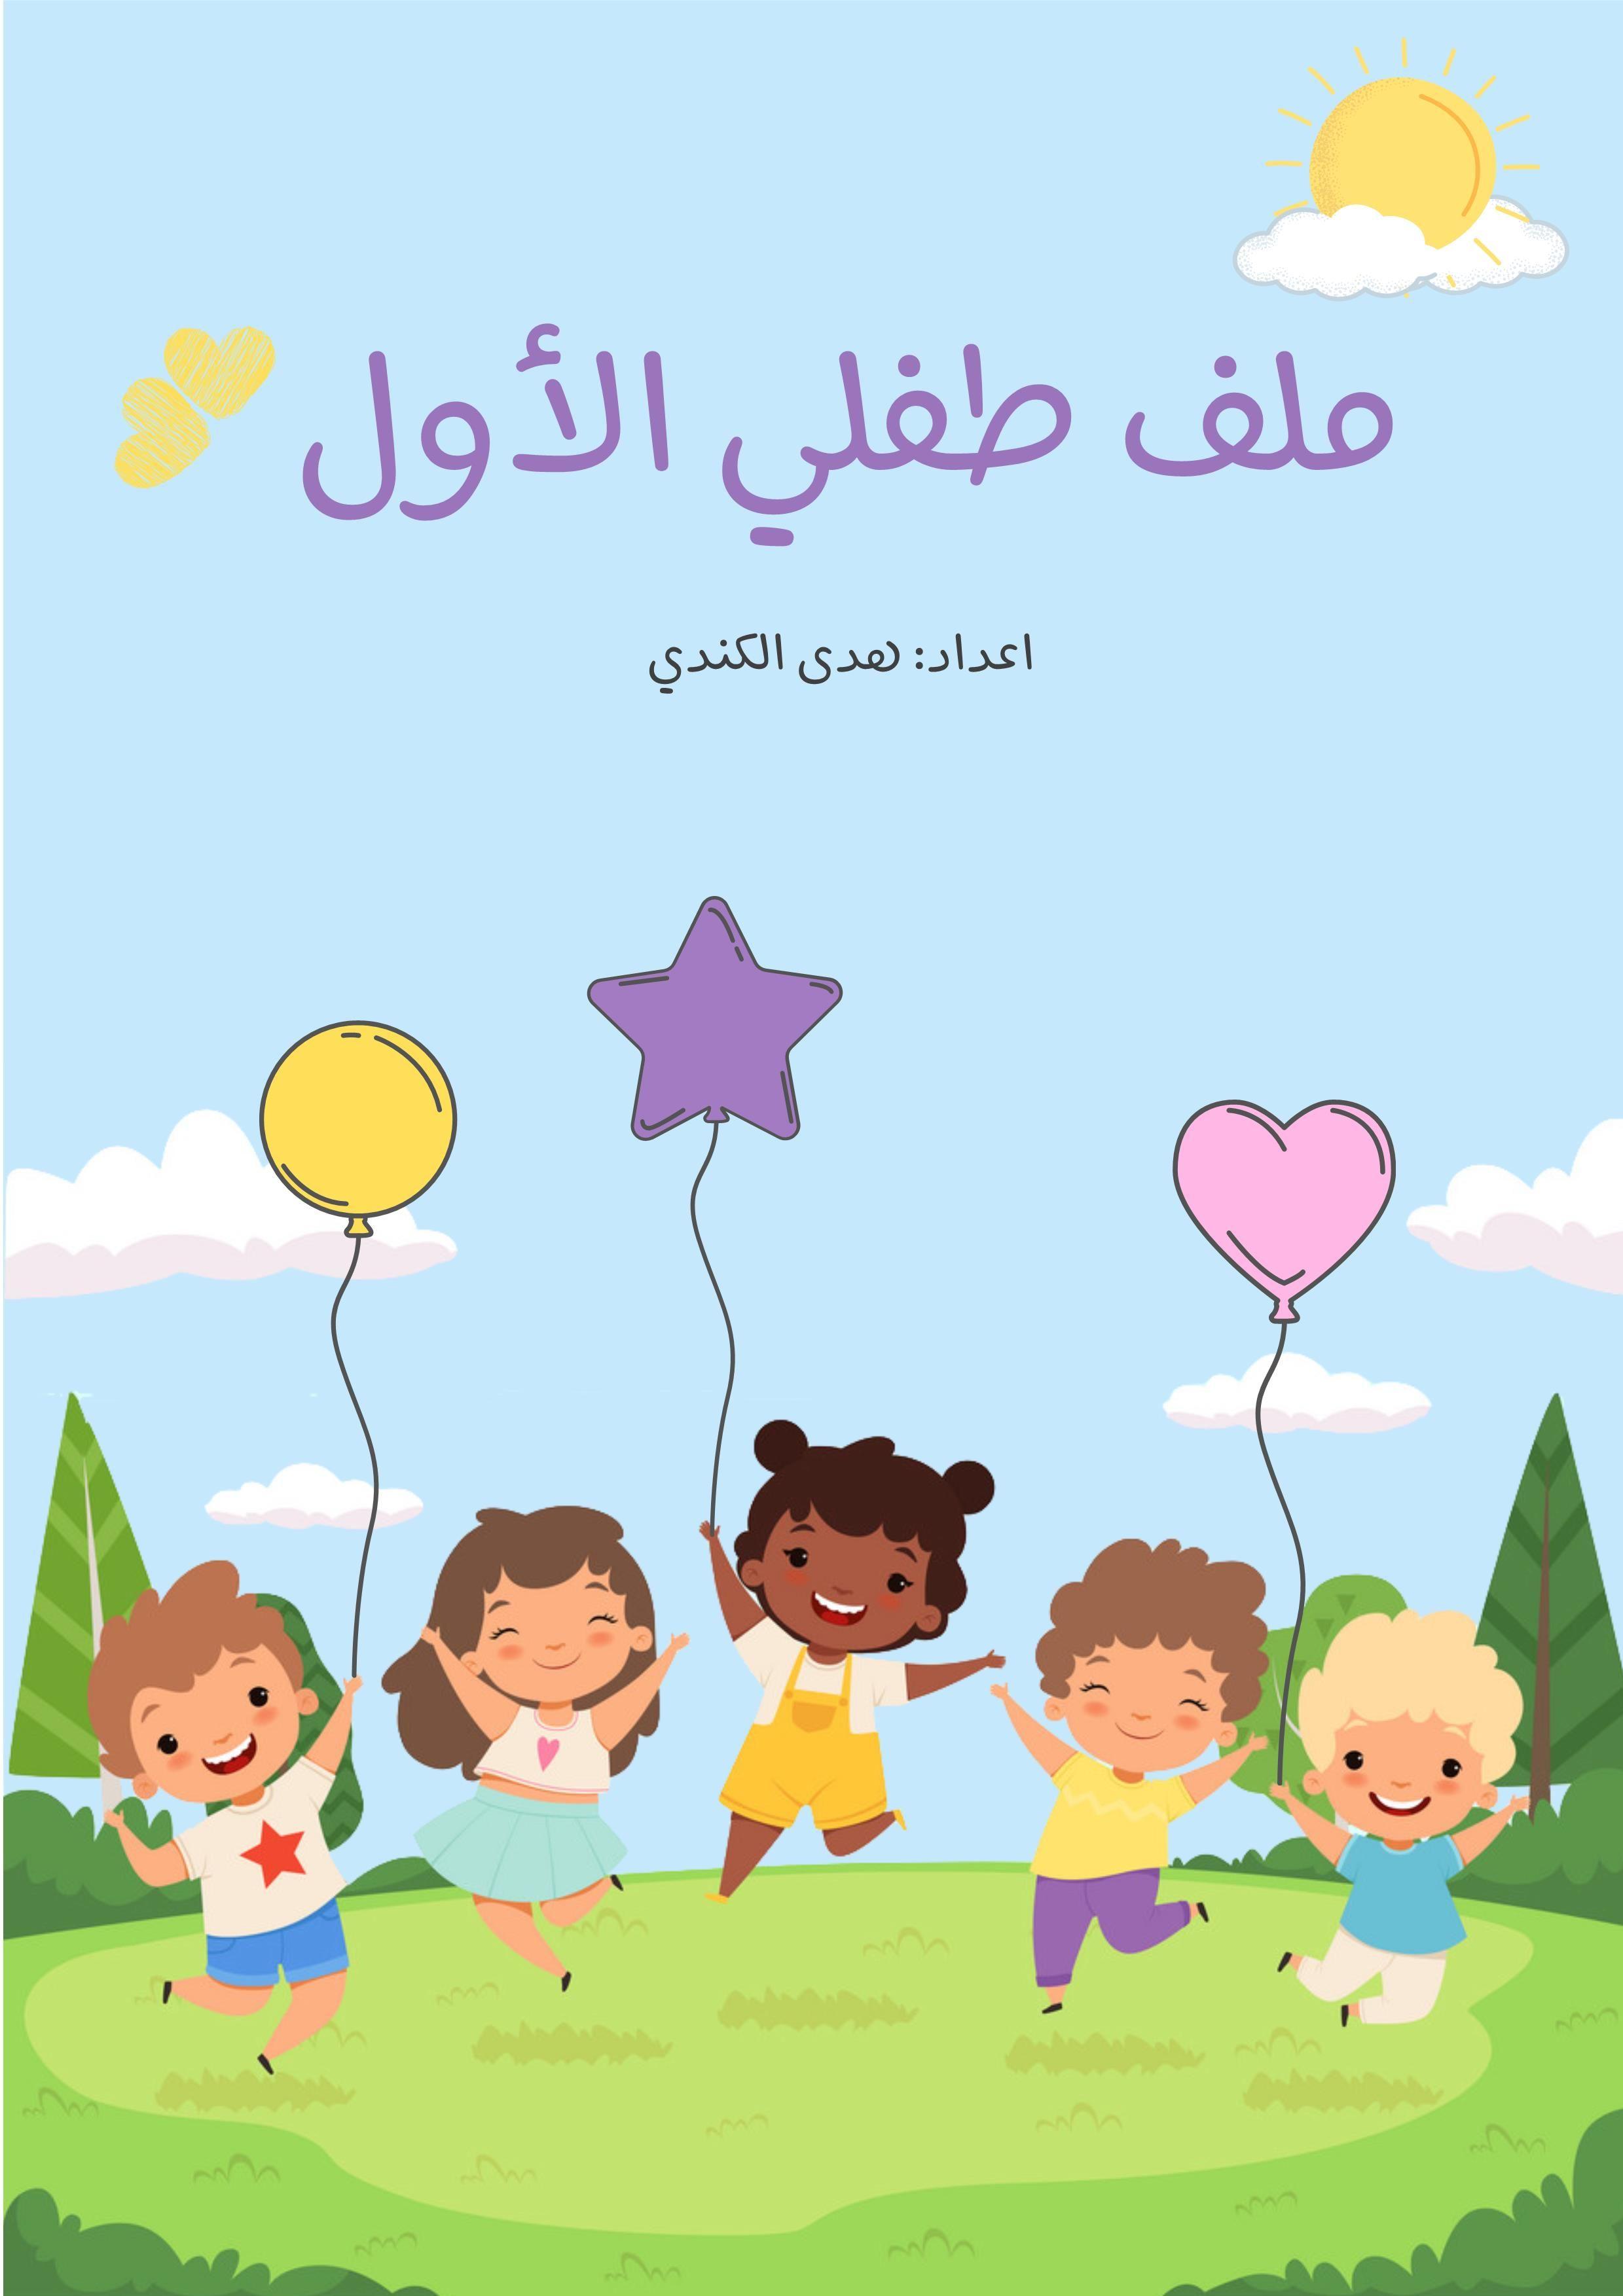 ملف طفلي الاول تعليمي وانشطة متنوعة وجميلة للاطفال المعلمة أسماء Islamic Kids Activities Arabic Alphabet For Kids Muslim Kids Activities